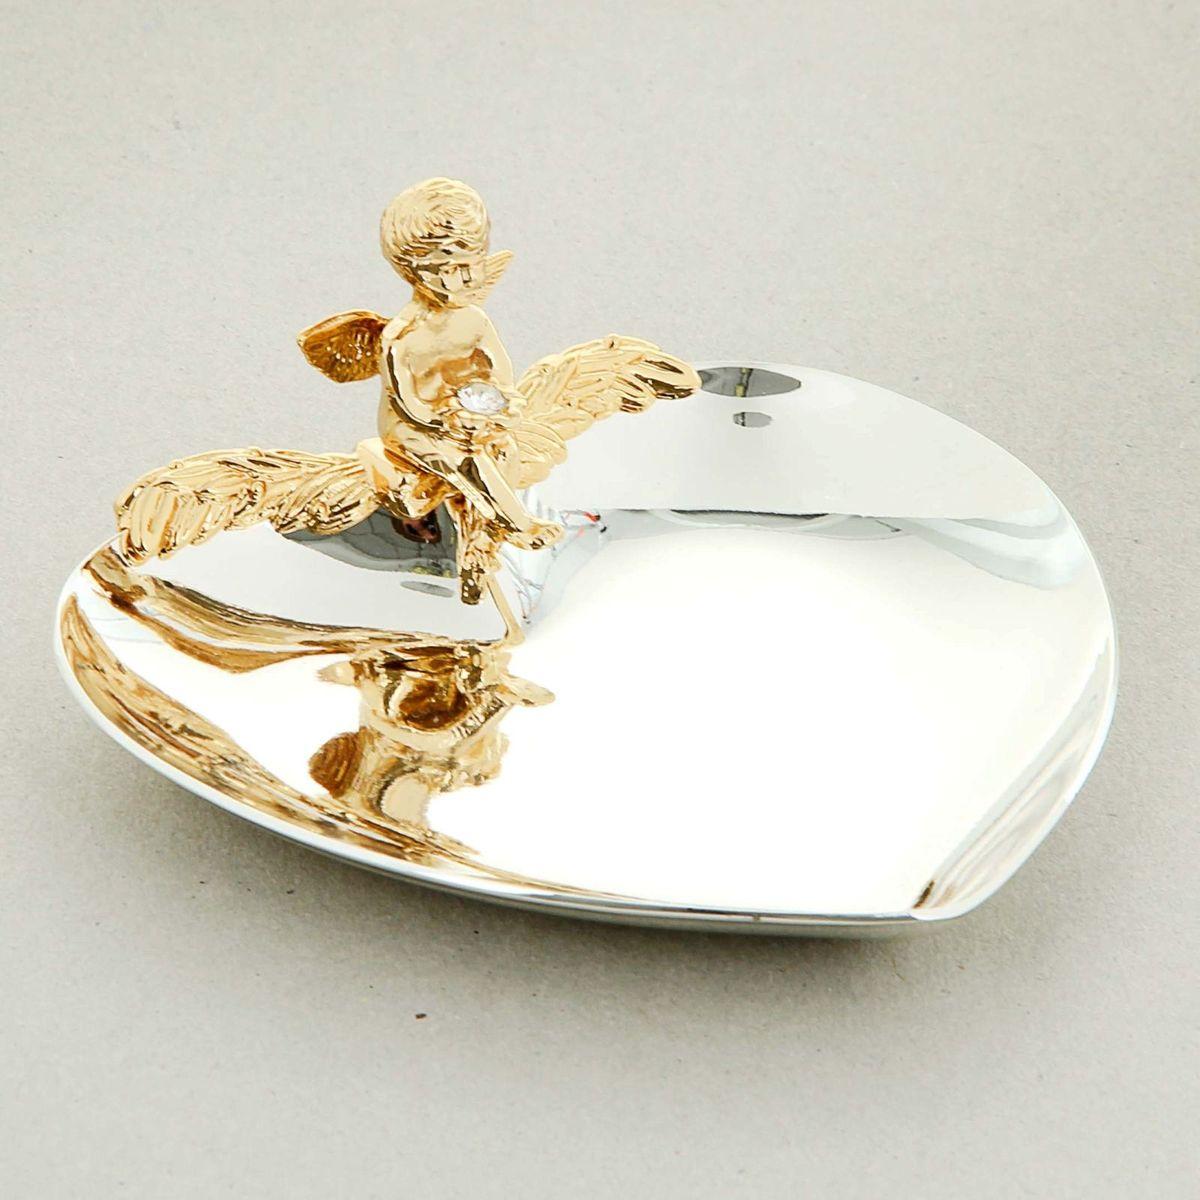 Swarovski Elements Блюдце для колец с ангелом и хрусталиками сваровски867621Главный символ новой семьи – обручальные кольца - требуют особого обращения. К ним, согласно русским обычаям, не должен прикасаться никто кроме молодоженов и матери жениха, которая до бракосочетания должна хранить кольца в своем доме. Чтобы никто из посторонних, поднося кольца, не прикоснулся к ним, нужно блюдце или подушечка.